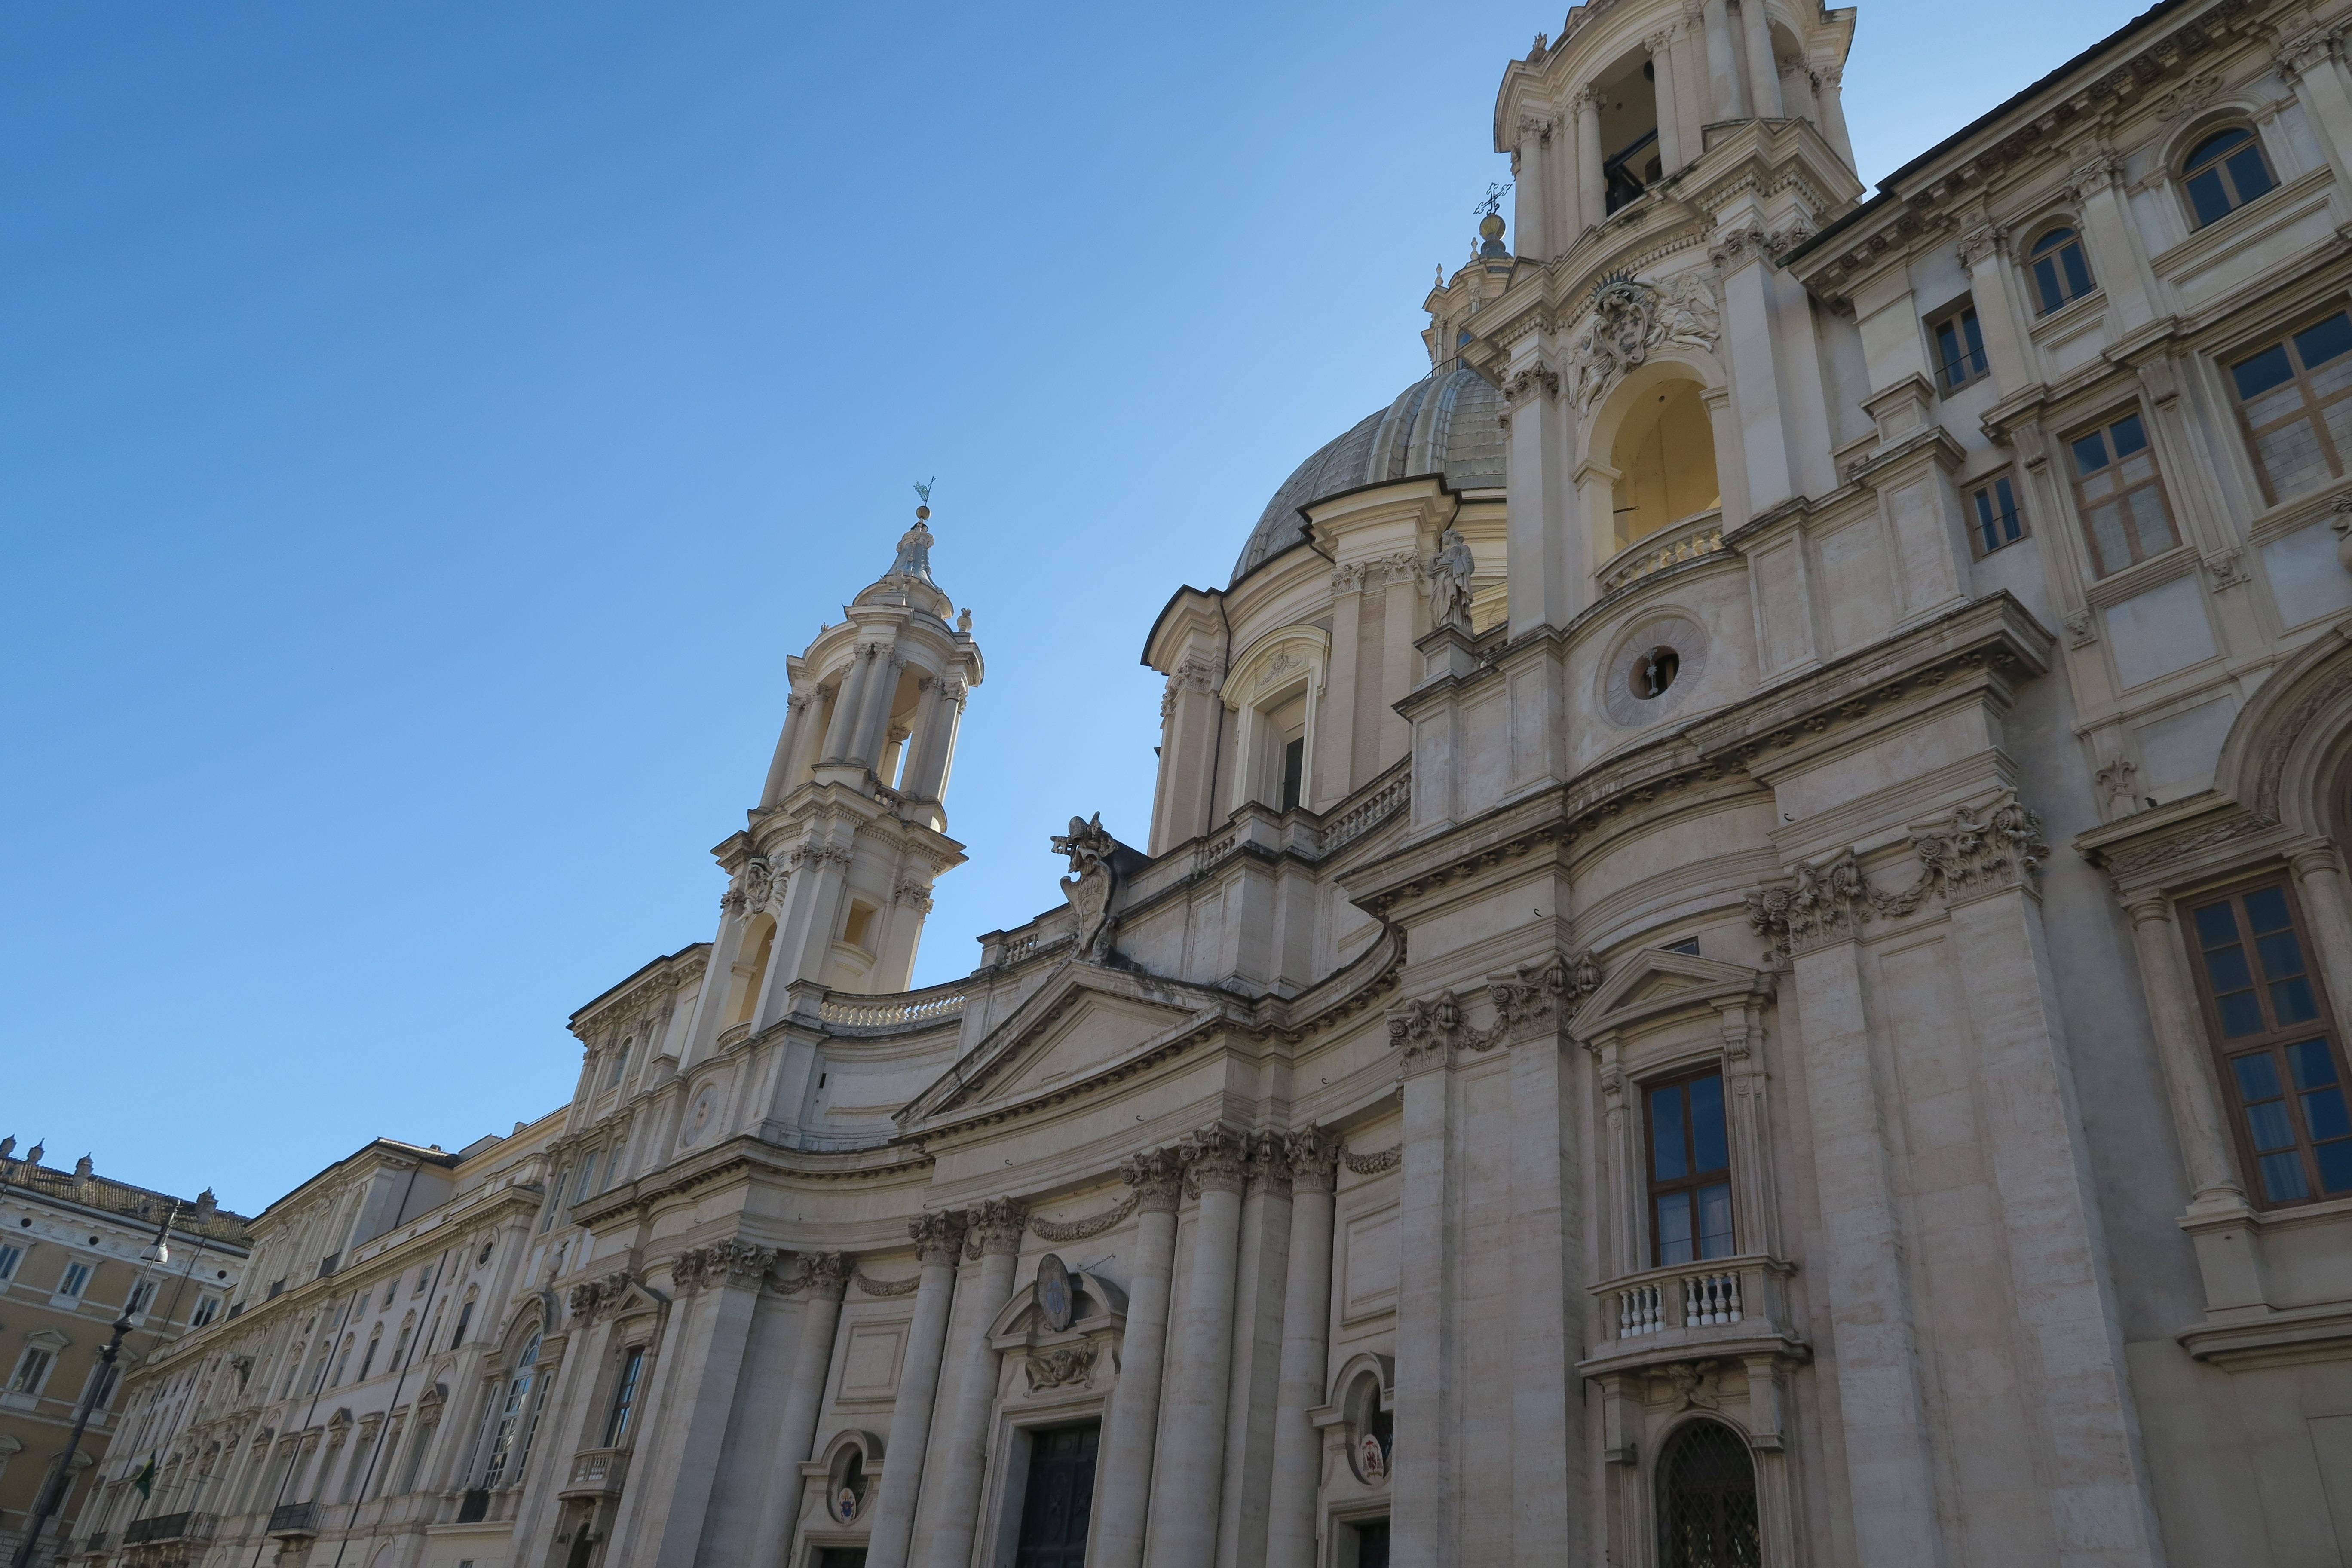 SheHearts Piazza Navona